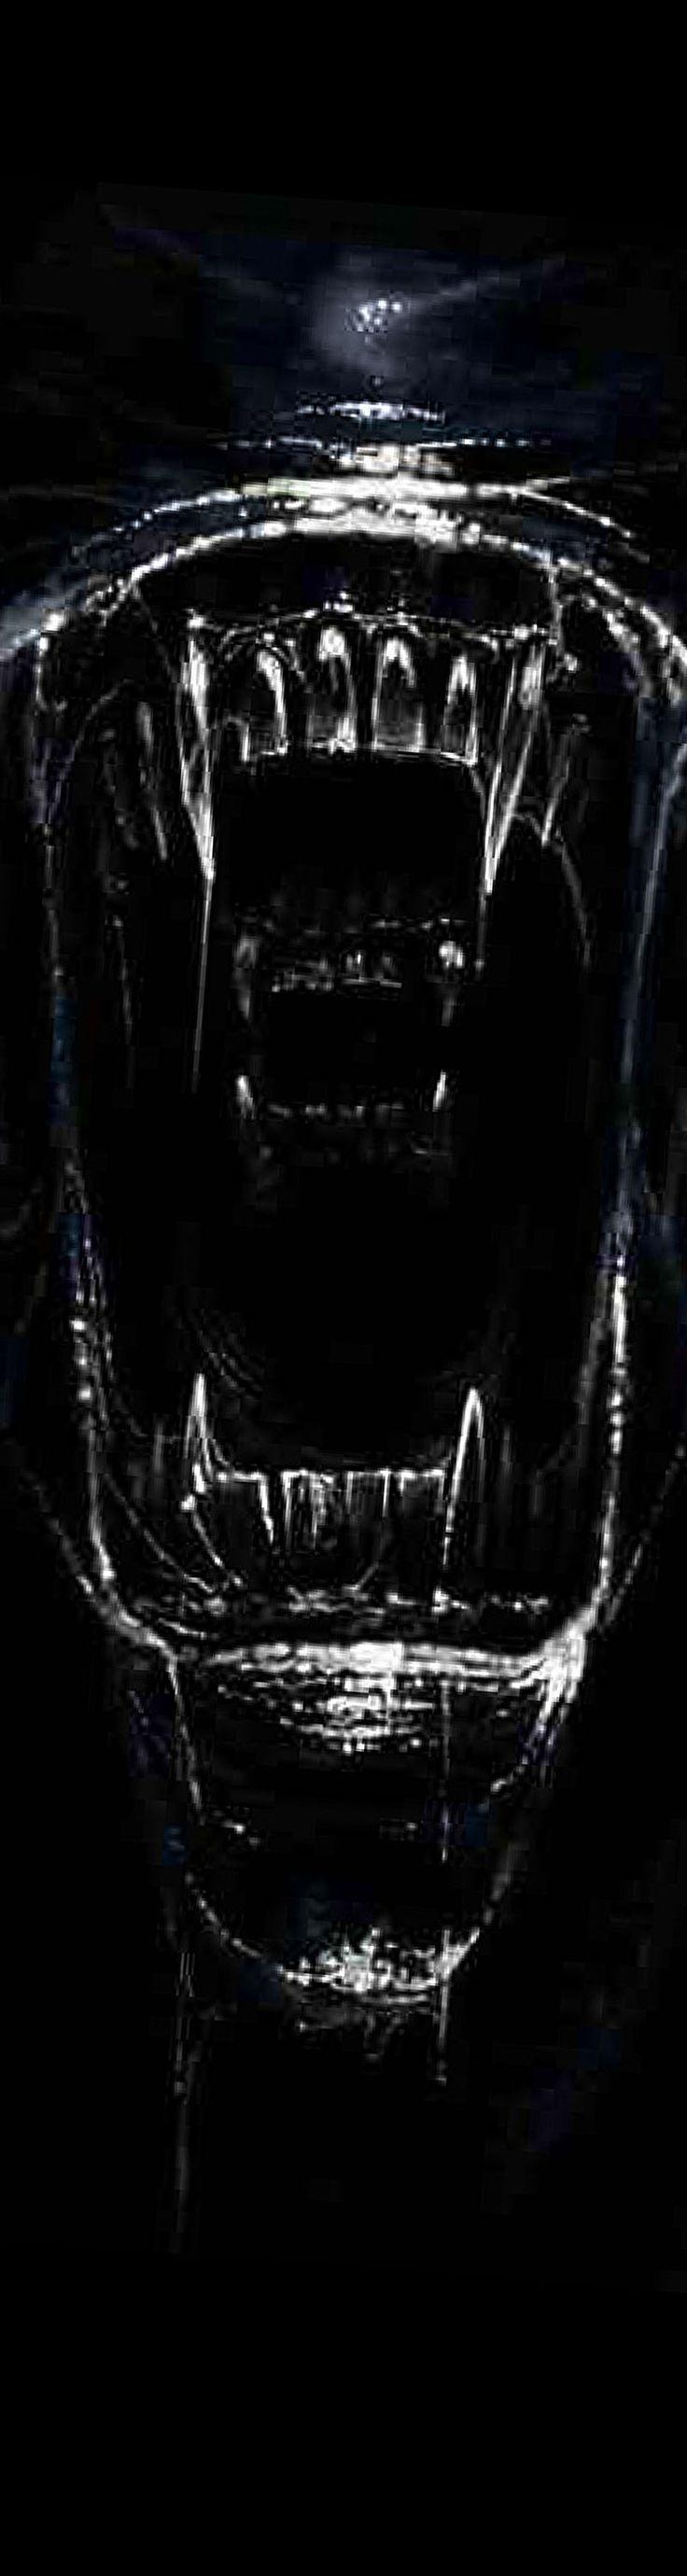 2cdd8514cae1a1b302888123c0845465.jpg 800×3,000 pixels